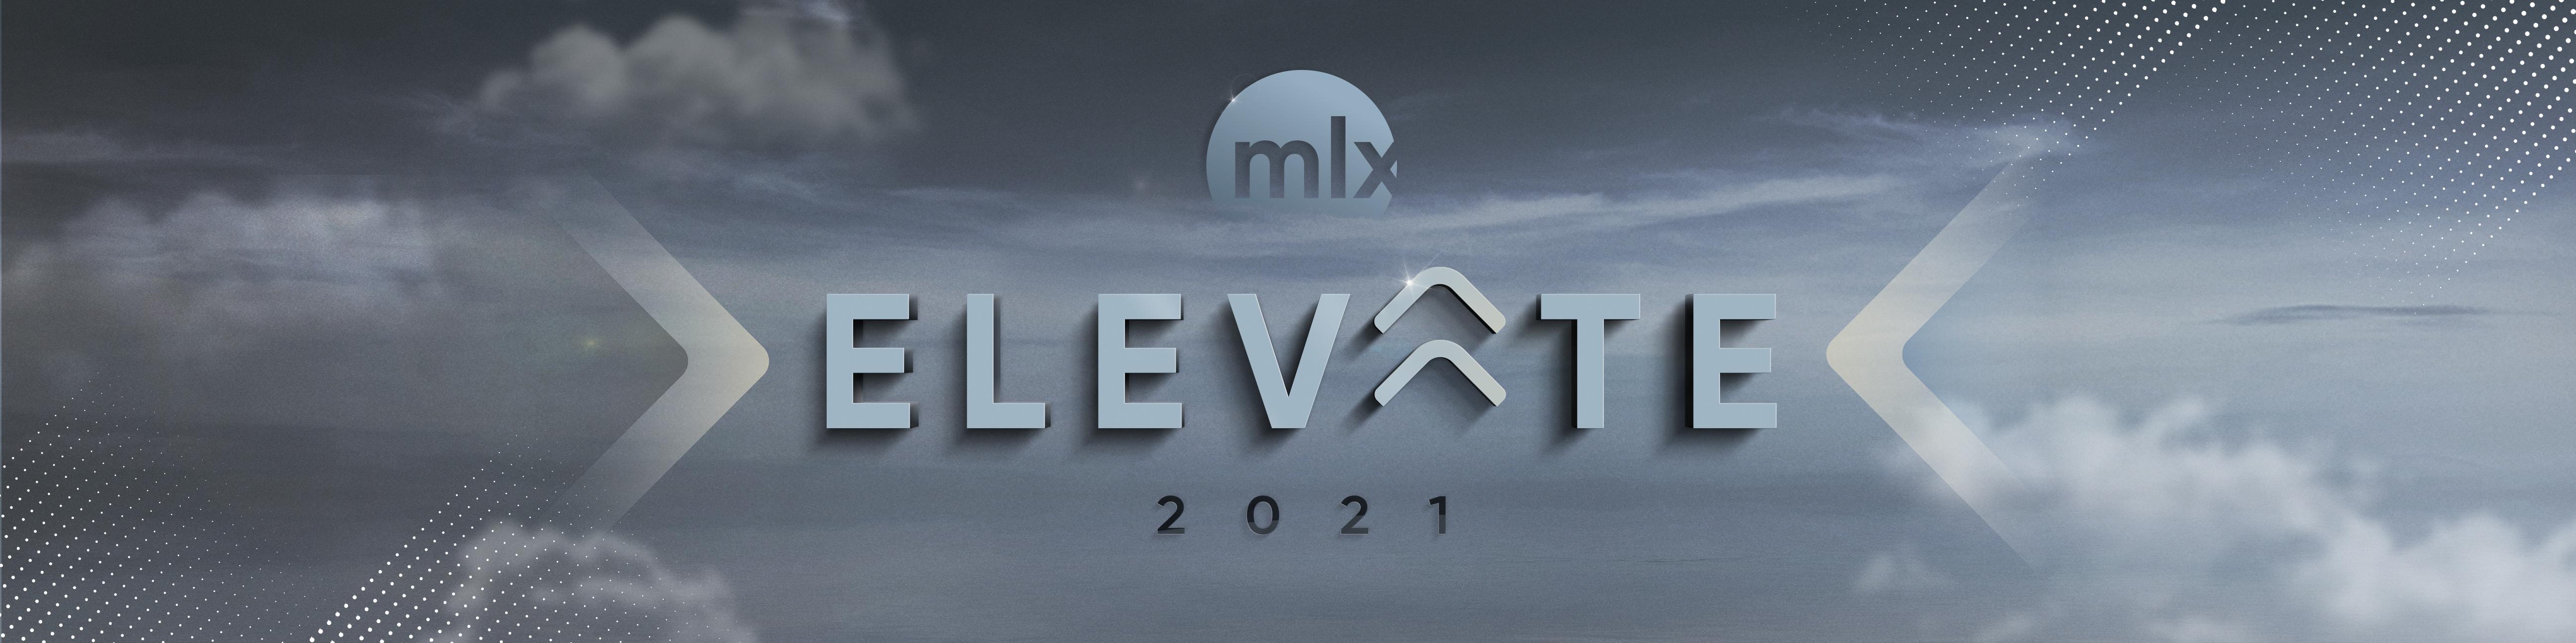 MLX Elevate